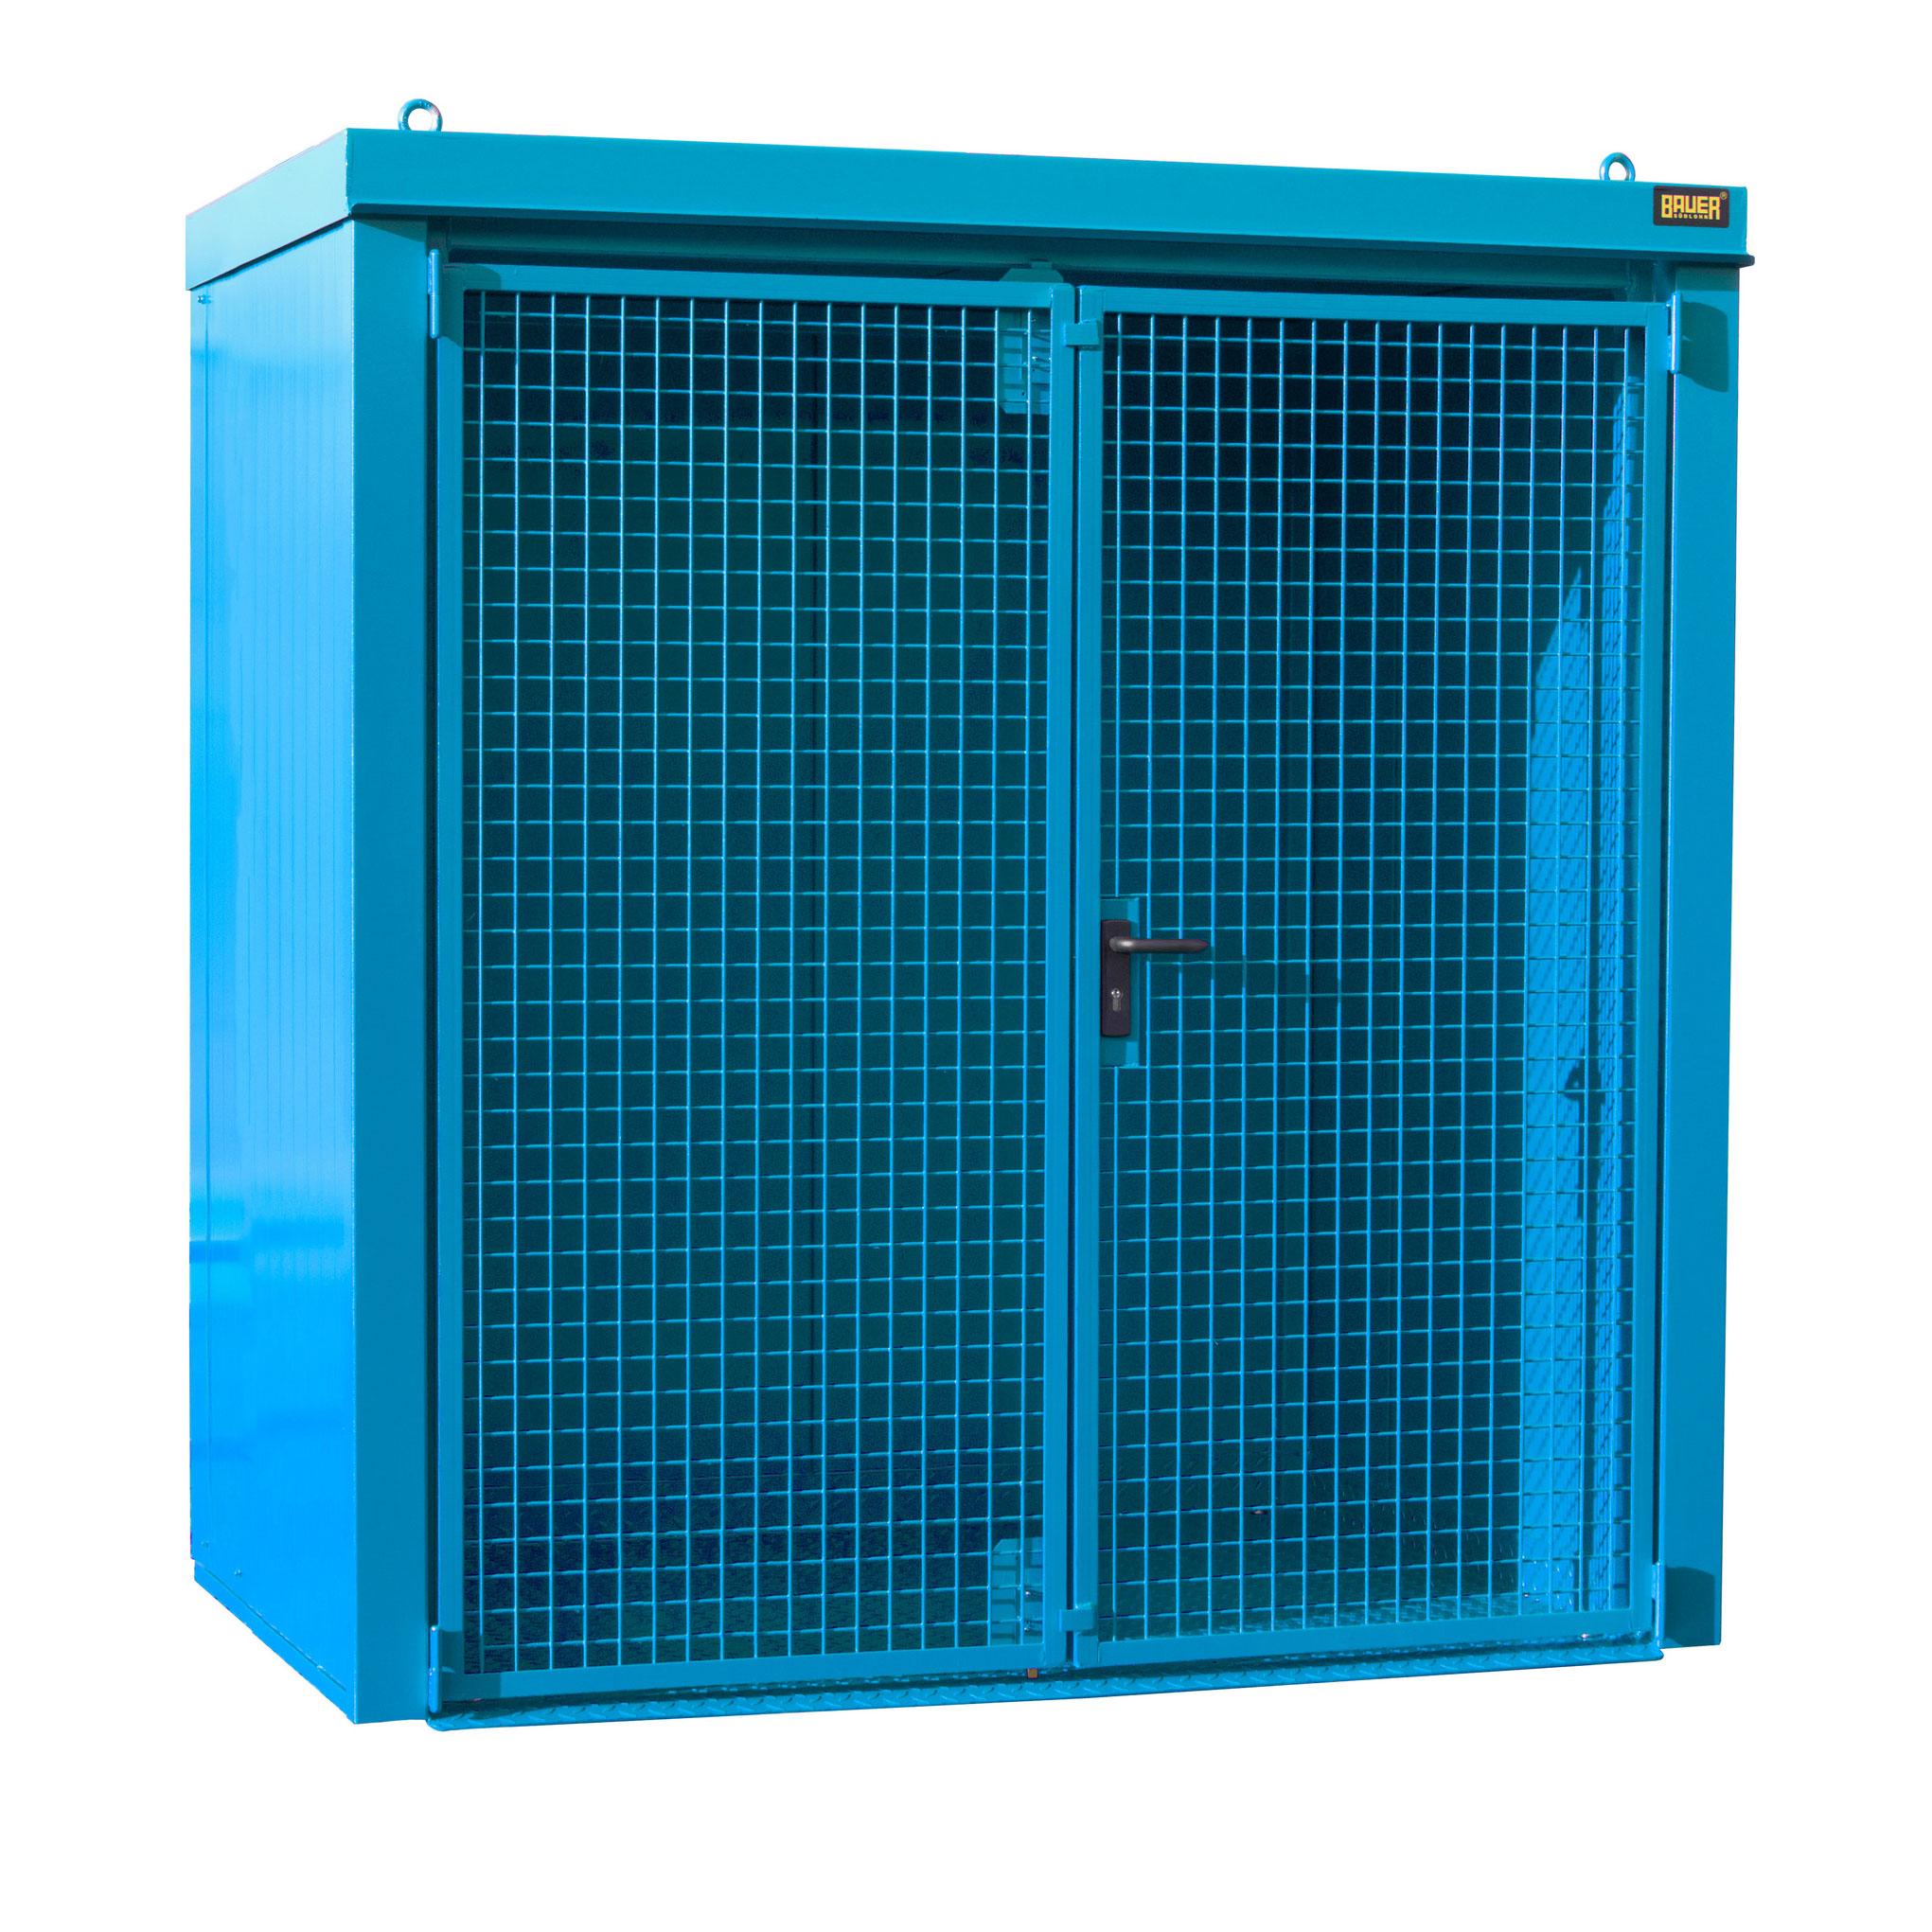 Bauer Gasflaschen-Container GFC-B M1, Lichtblau für 28x Gasflaschen Ø 230 mm 4477-31-0000-3